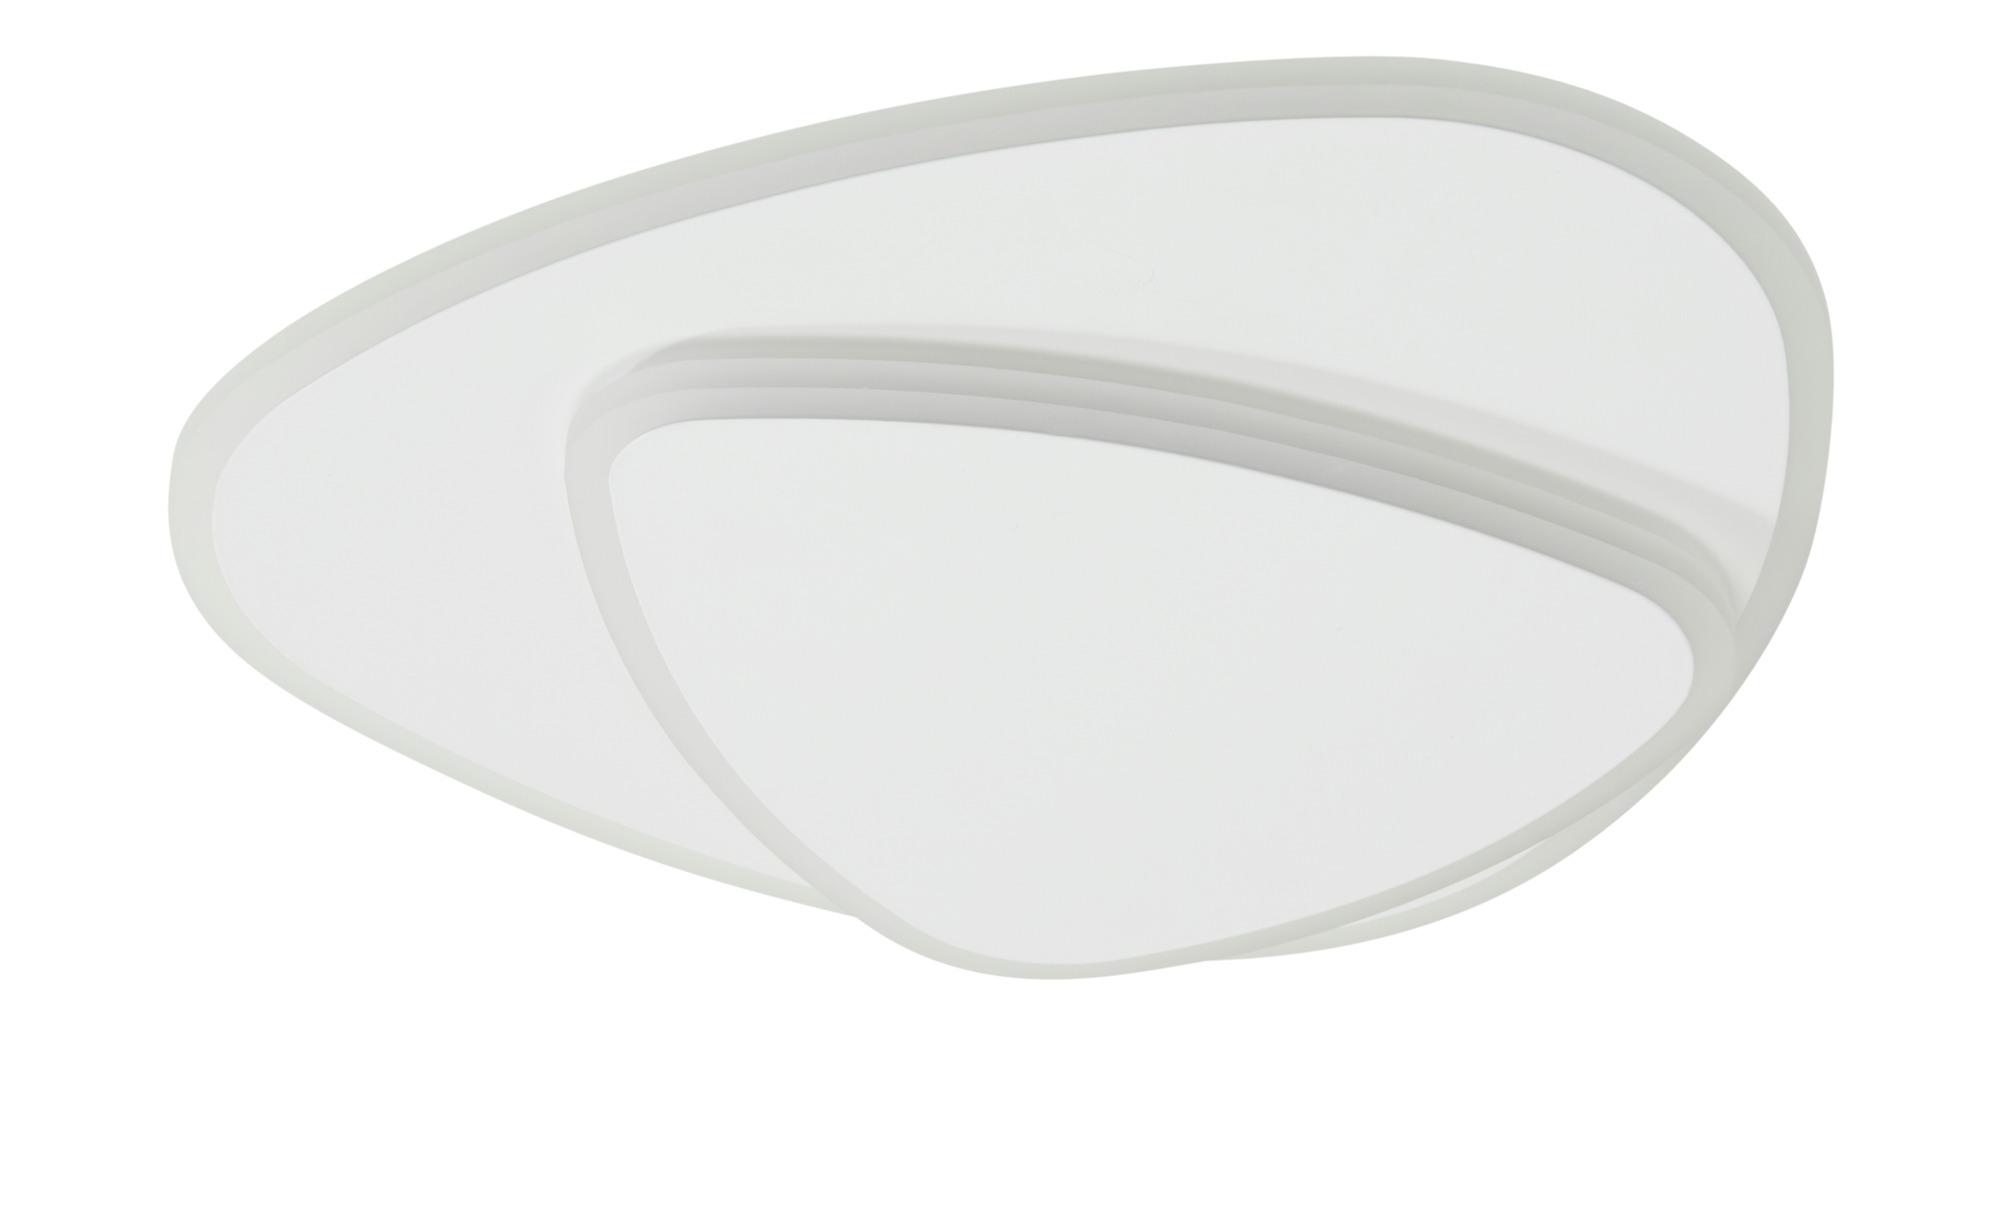 KHG LED-Deckenleuchte, weiß `Ovale` ¦ weiß ¦ Maße (cm): B: 33 H: 5,5 Lampen & Leuchten > Innenleuchten > Deckenleuchten - Höffner